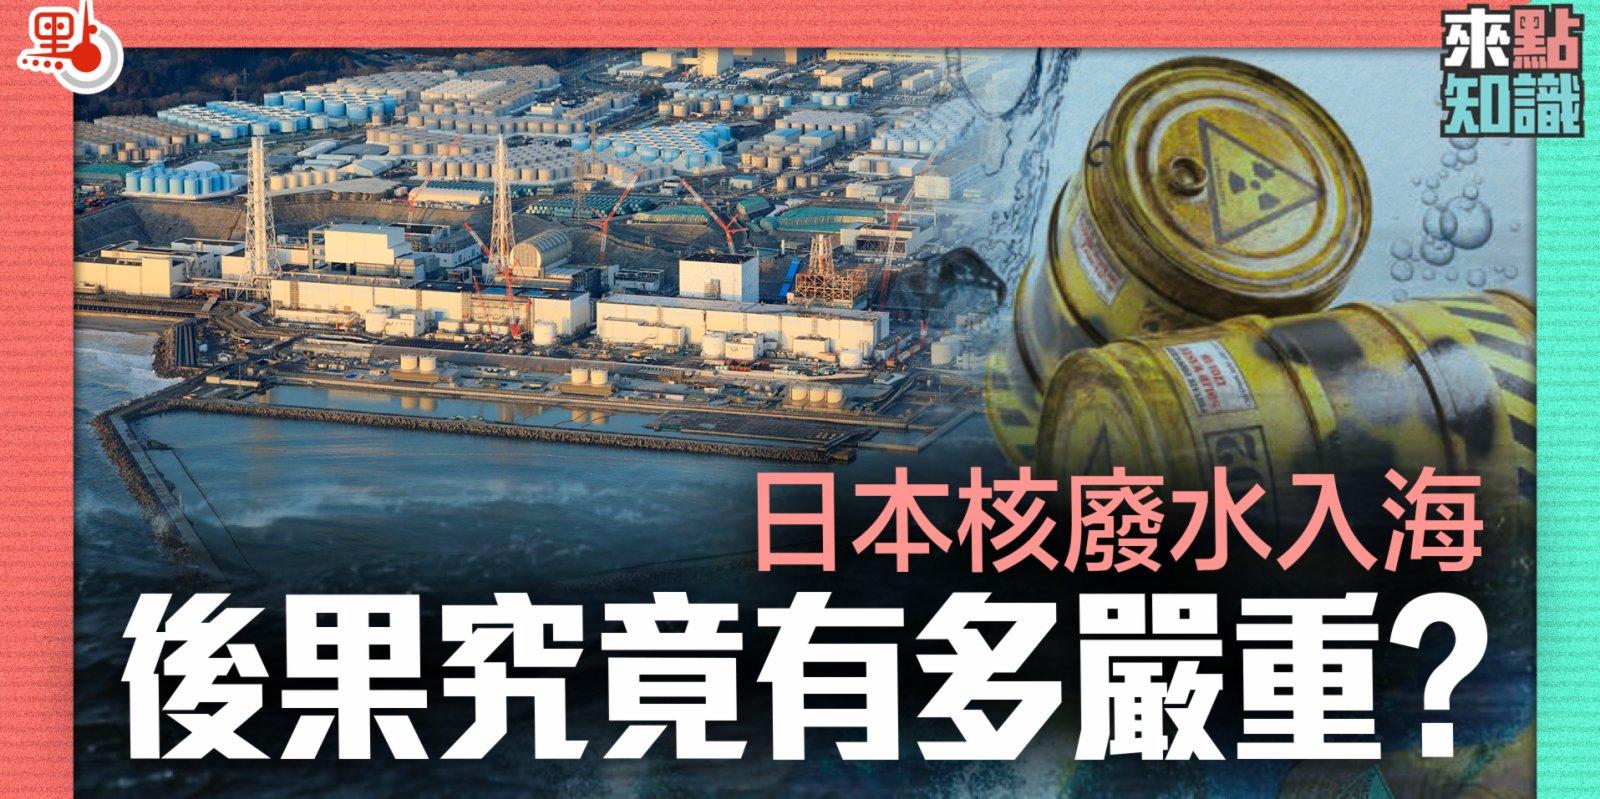 日本核廢水入海 後果究竟有多嚴重?【來點知識EP5】